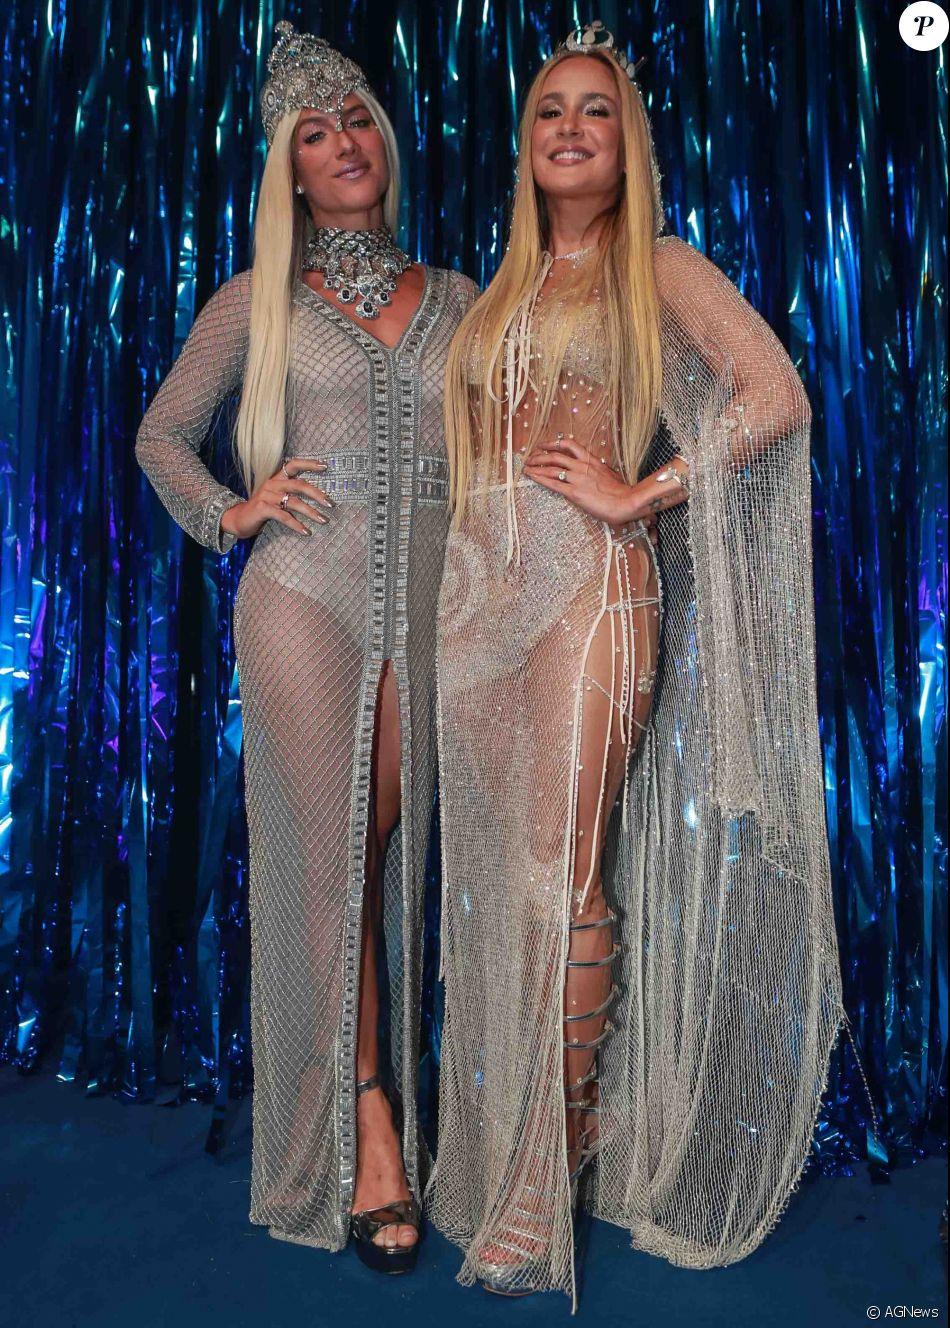 Giovanna Ewbank e Claudia Leitte chamam a atenção por usarem looks parecidos no baile da Vogue, que aconteceu na noite desta quinta-feira, 16 de fevereiro de 2017